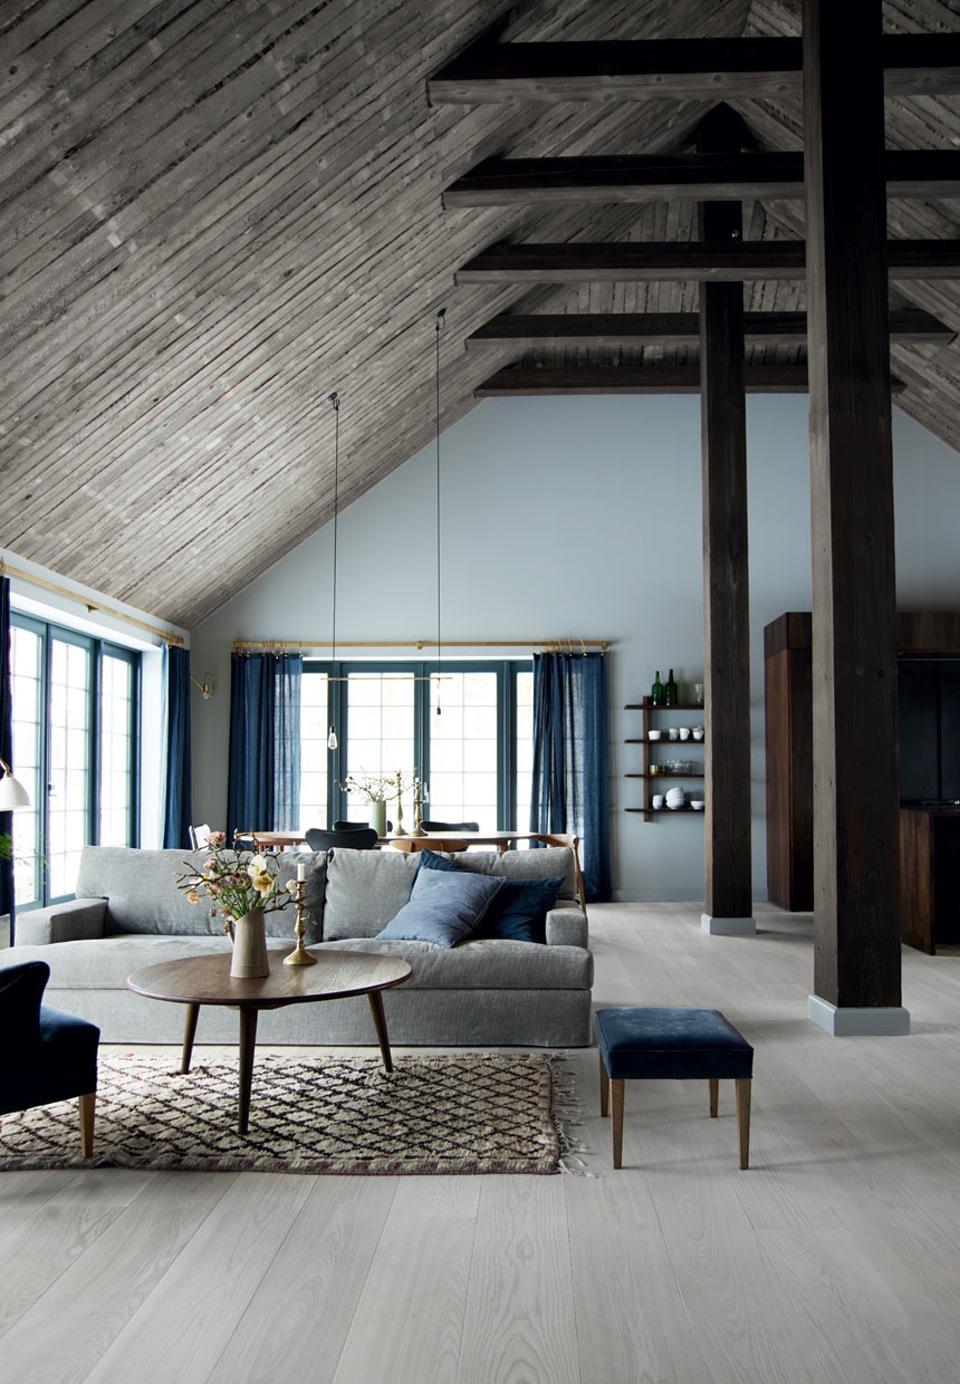 Fabelhaft Maison Bleue Möbel Dekoration Von Enfin Plétement, Verrez. C